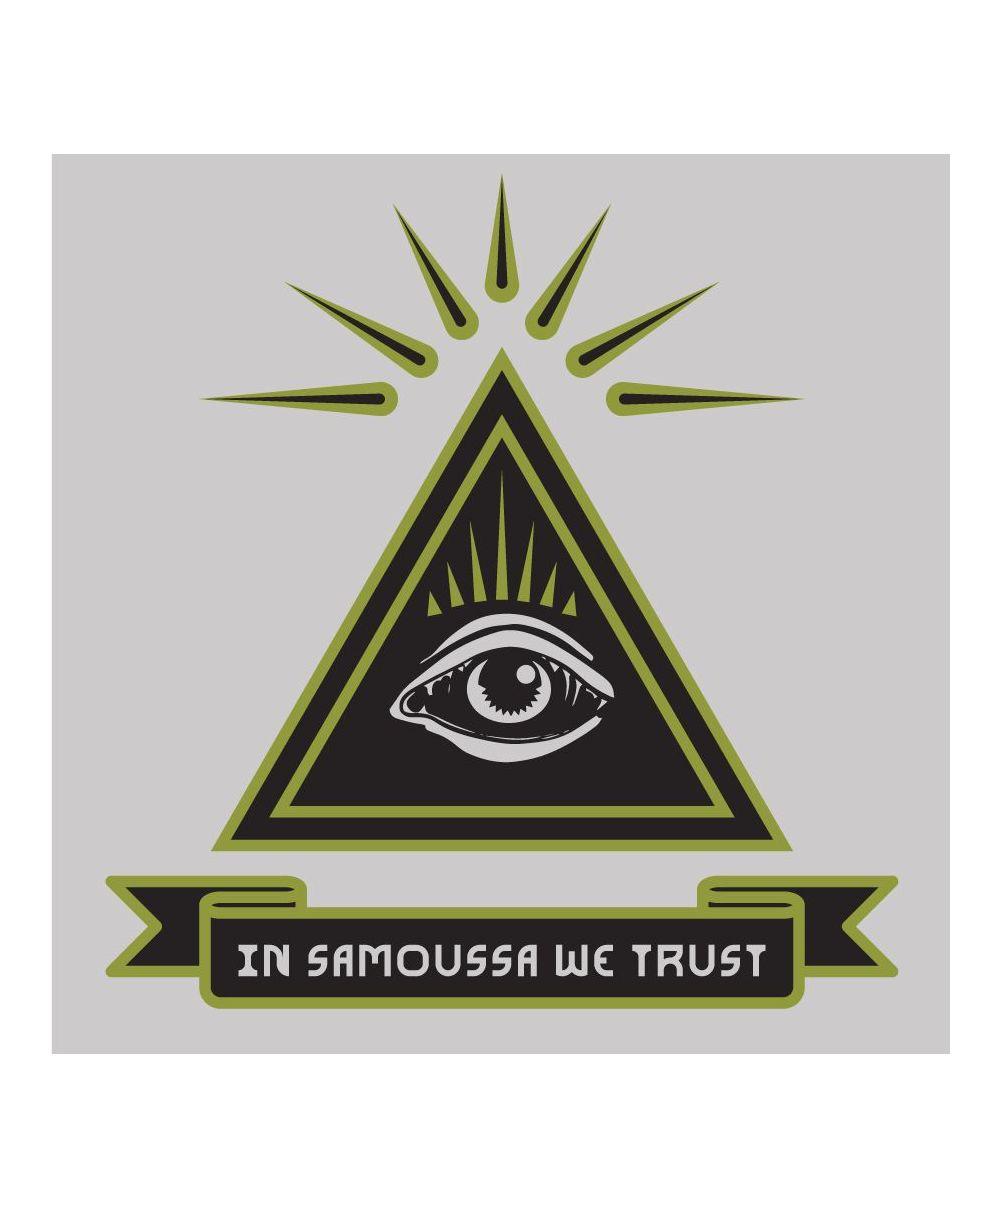 In Samoussa we trust